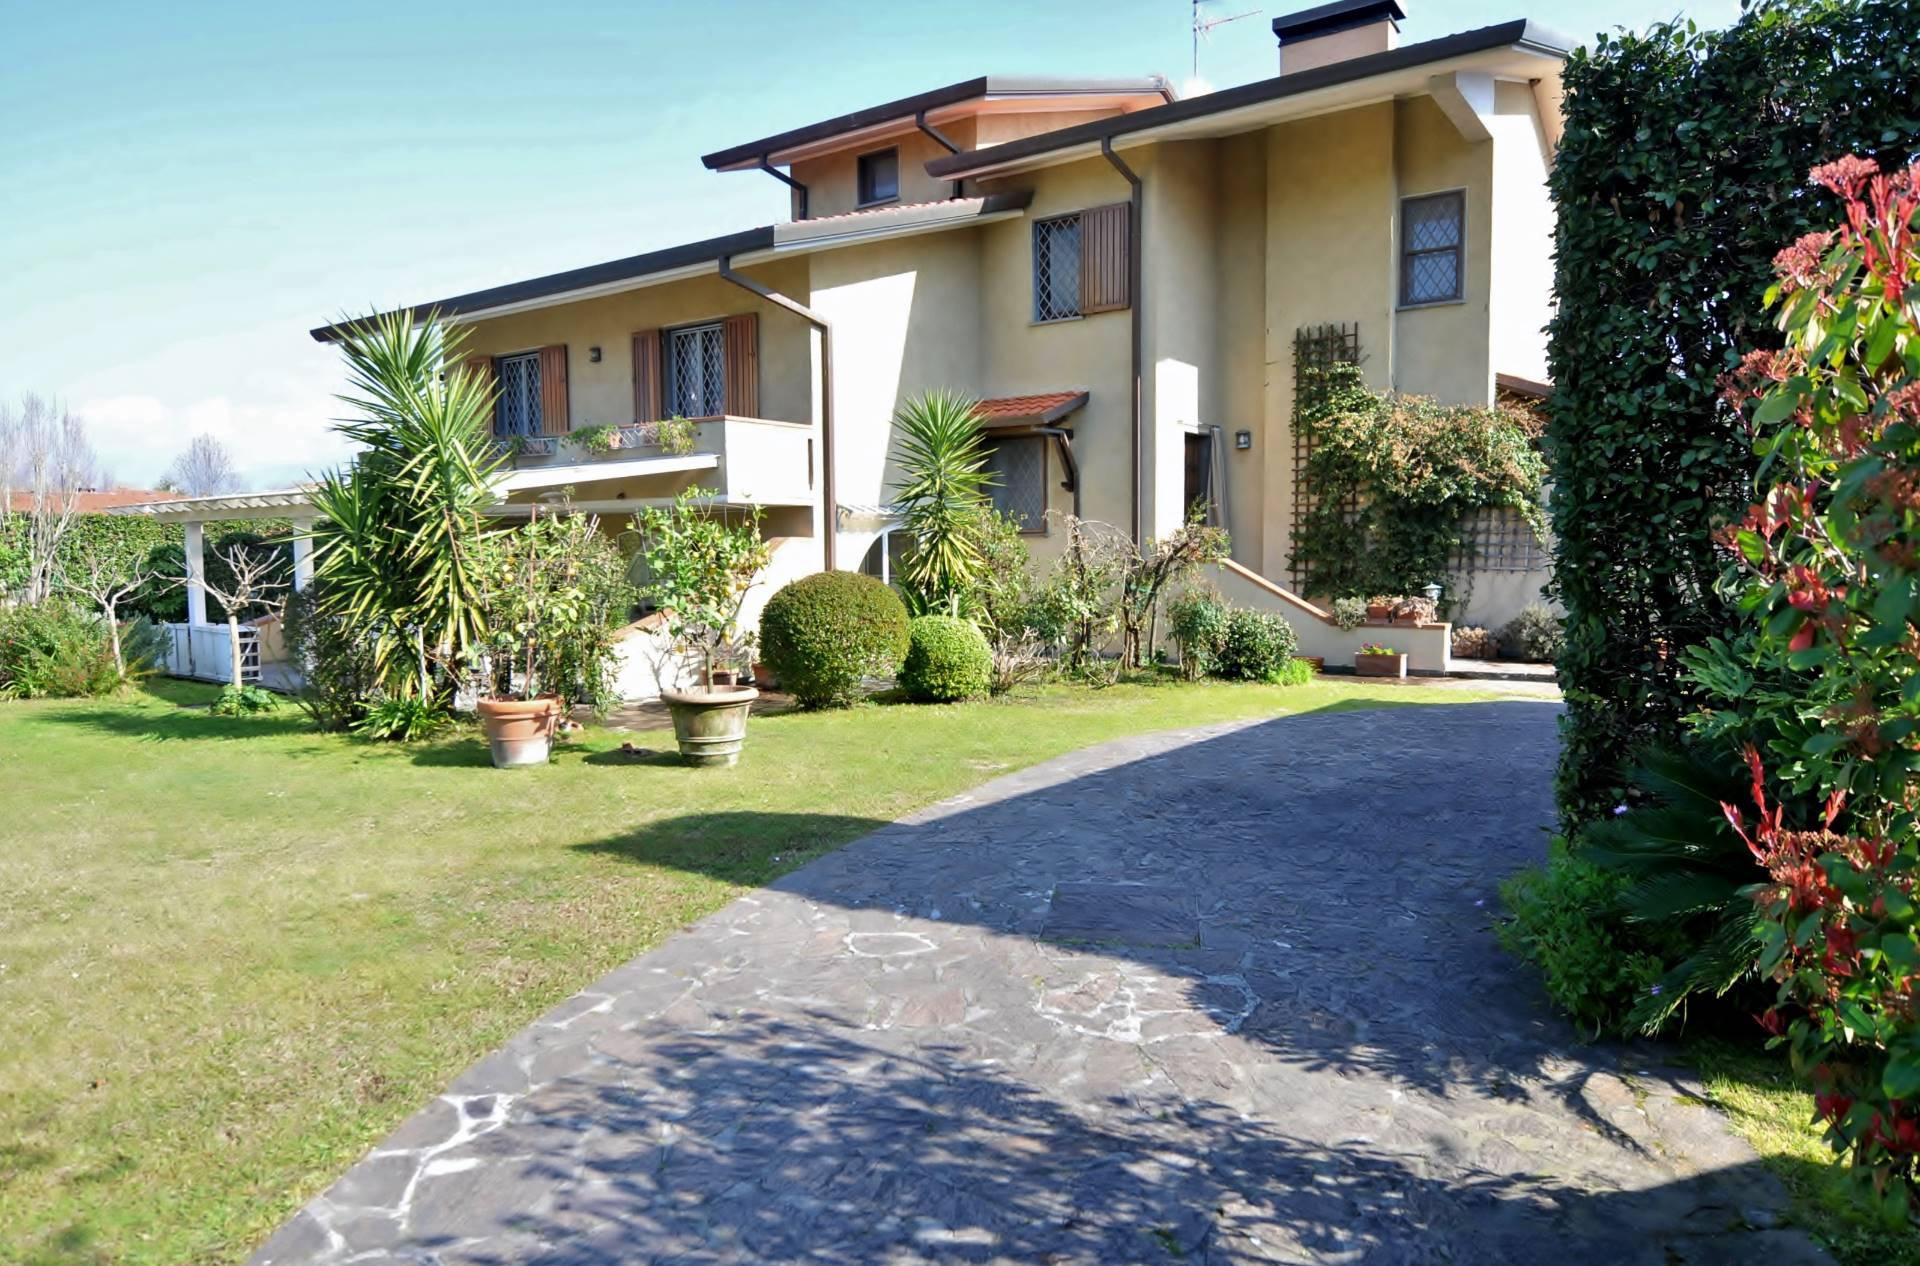 Villa in affitto a Forte dei Marmi, 1 locali, zona Zona: Caranna, Trattative riservate   CambioCasa.it